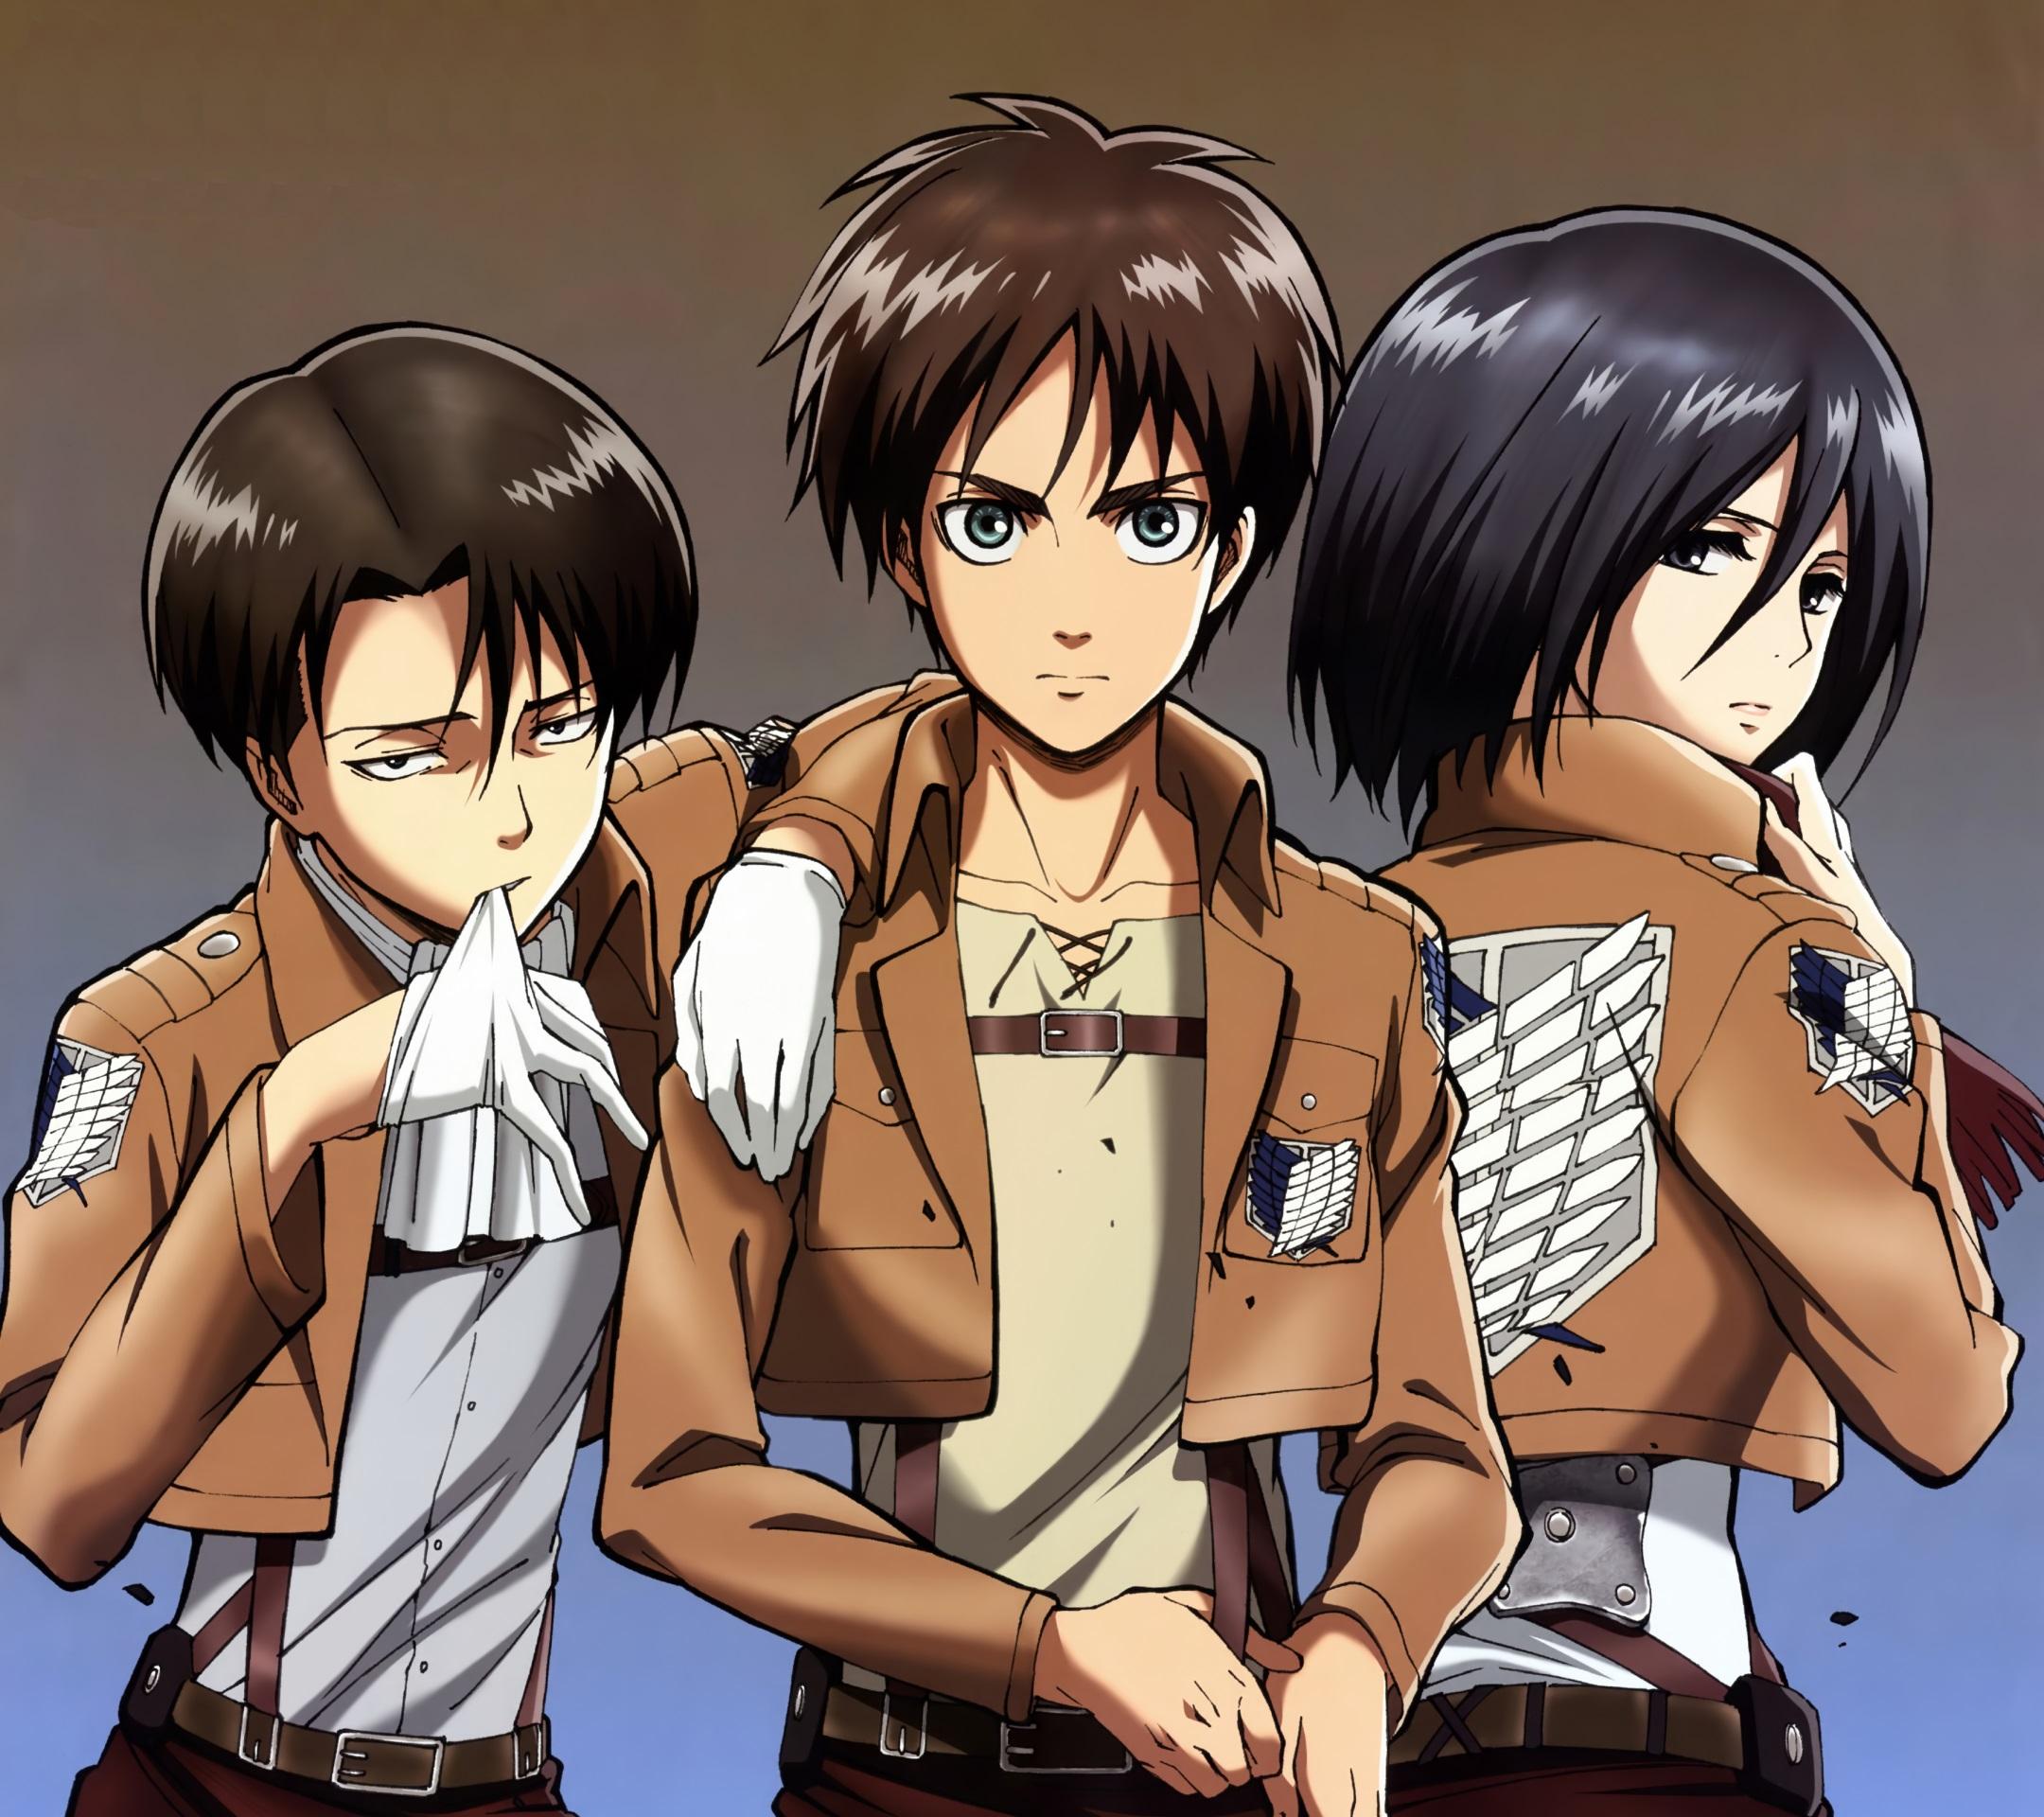 Le garçon le plus classe de tout les mangas  - Page 2 Shingeki-no-Kyojin.Eren-Jaeger.Mikasa-Ackerman-Android-wallpaper.Levi-Rivaille.2160x1920